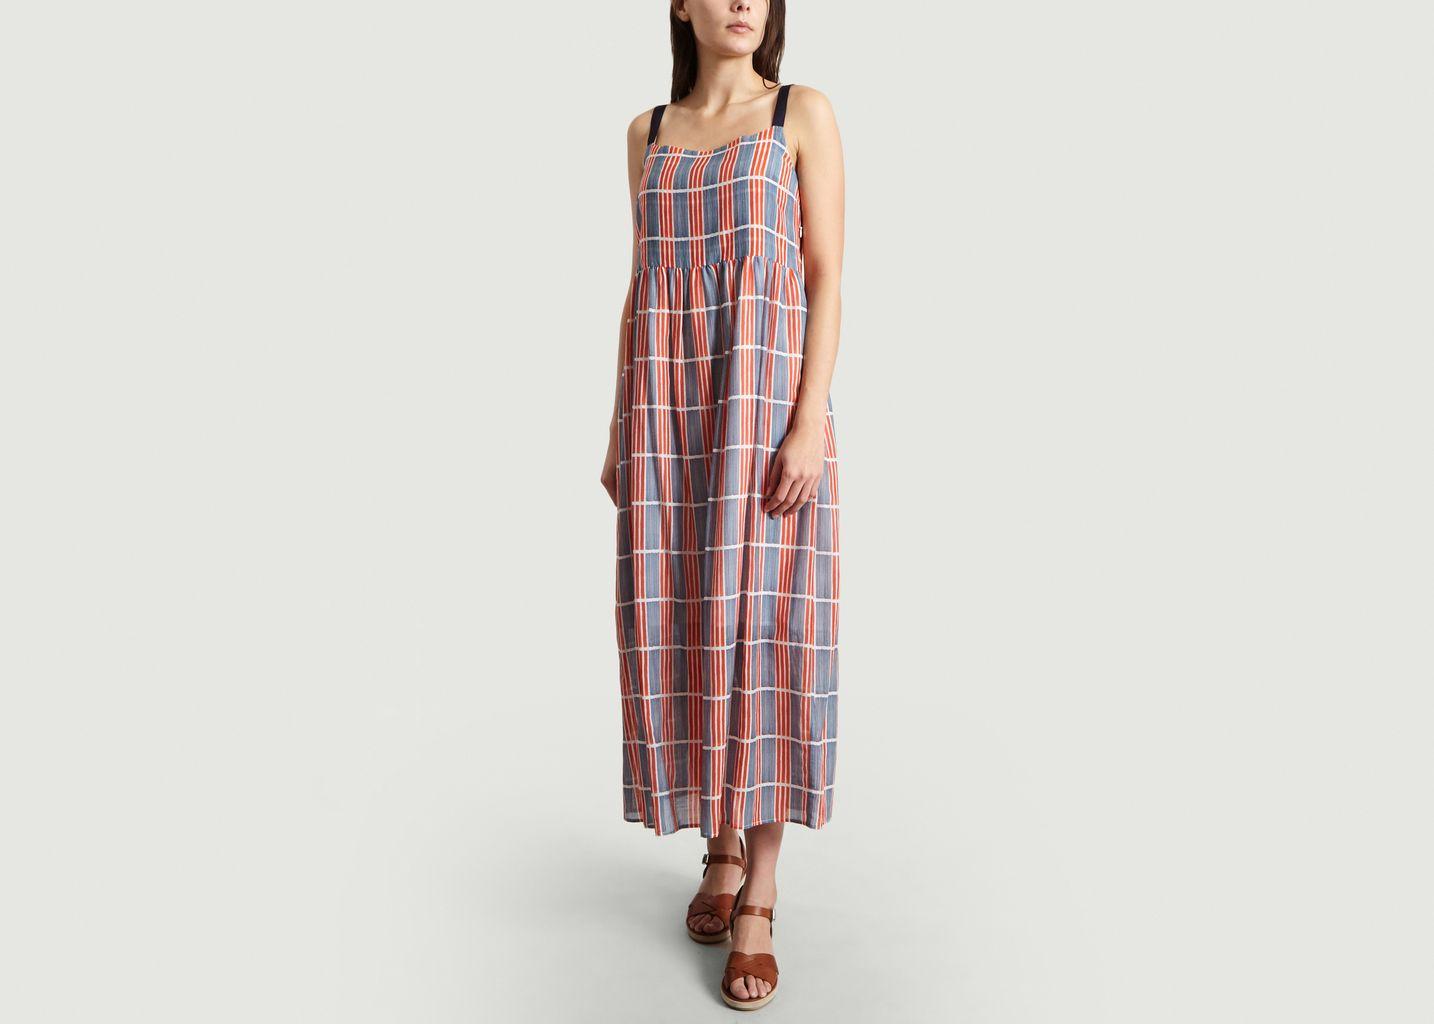 dernier style de 2019 grand choix de fabrication habile Robe Longue A Carreaux Renata